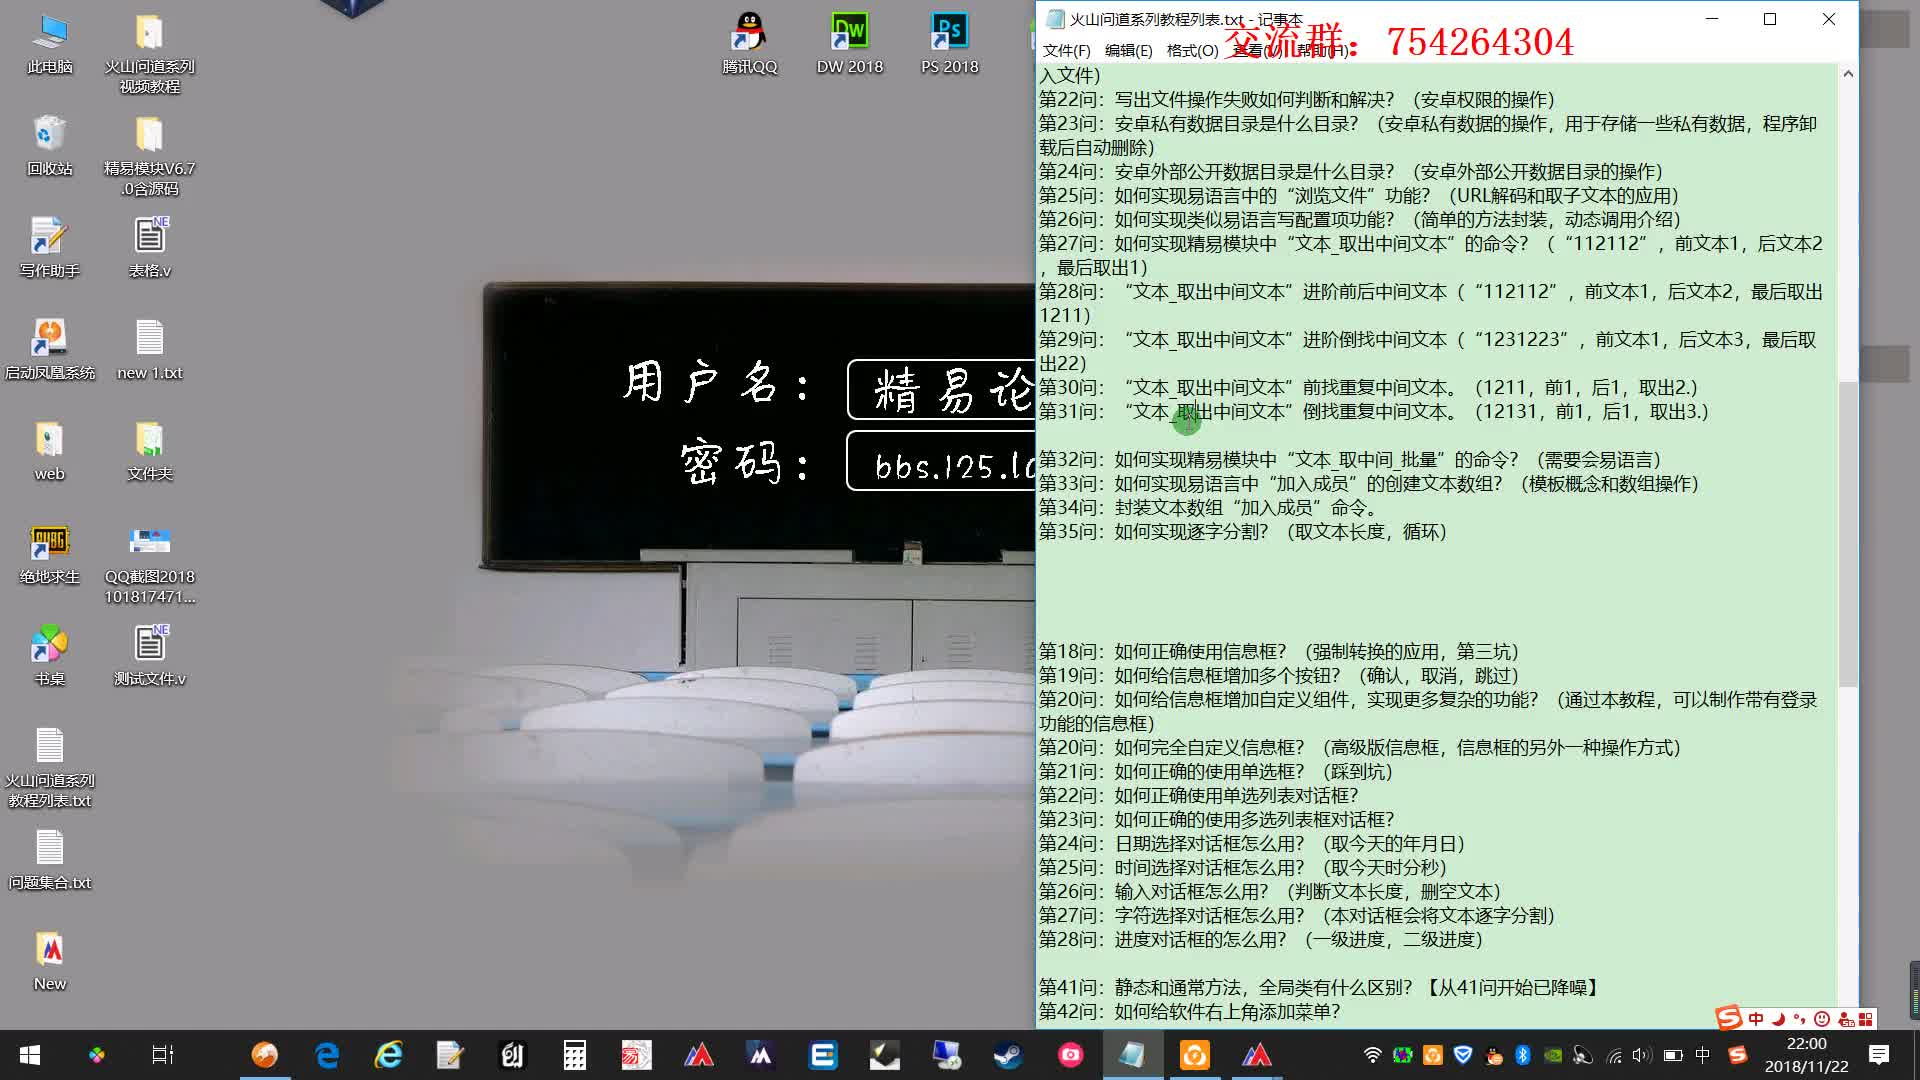 """031问:""""文本_取出中间文本""""倒找重复中间文本"""